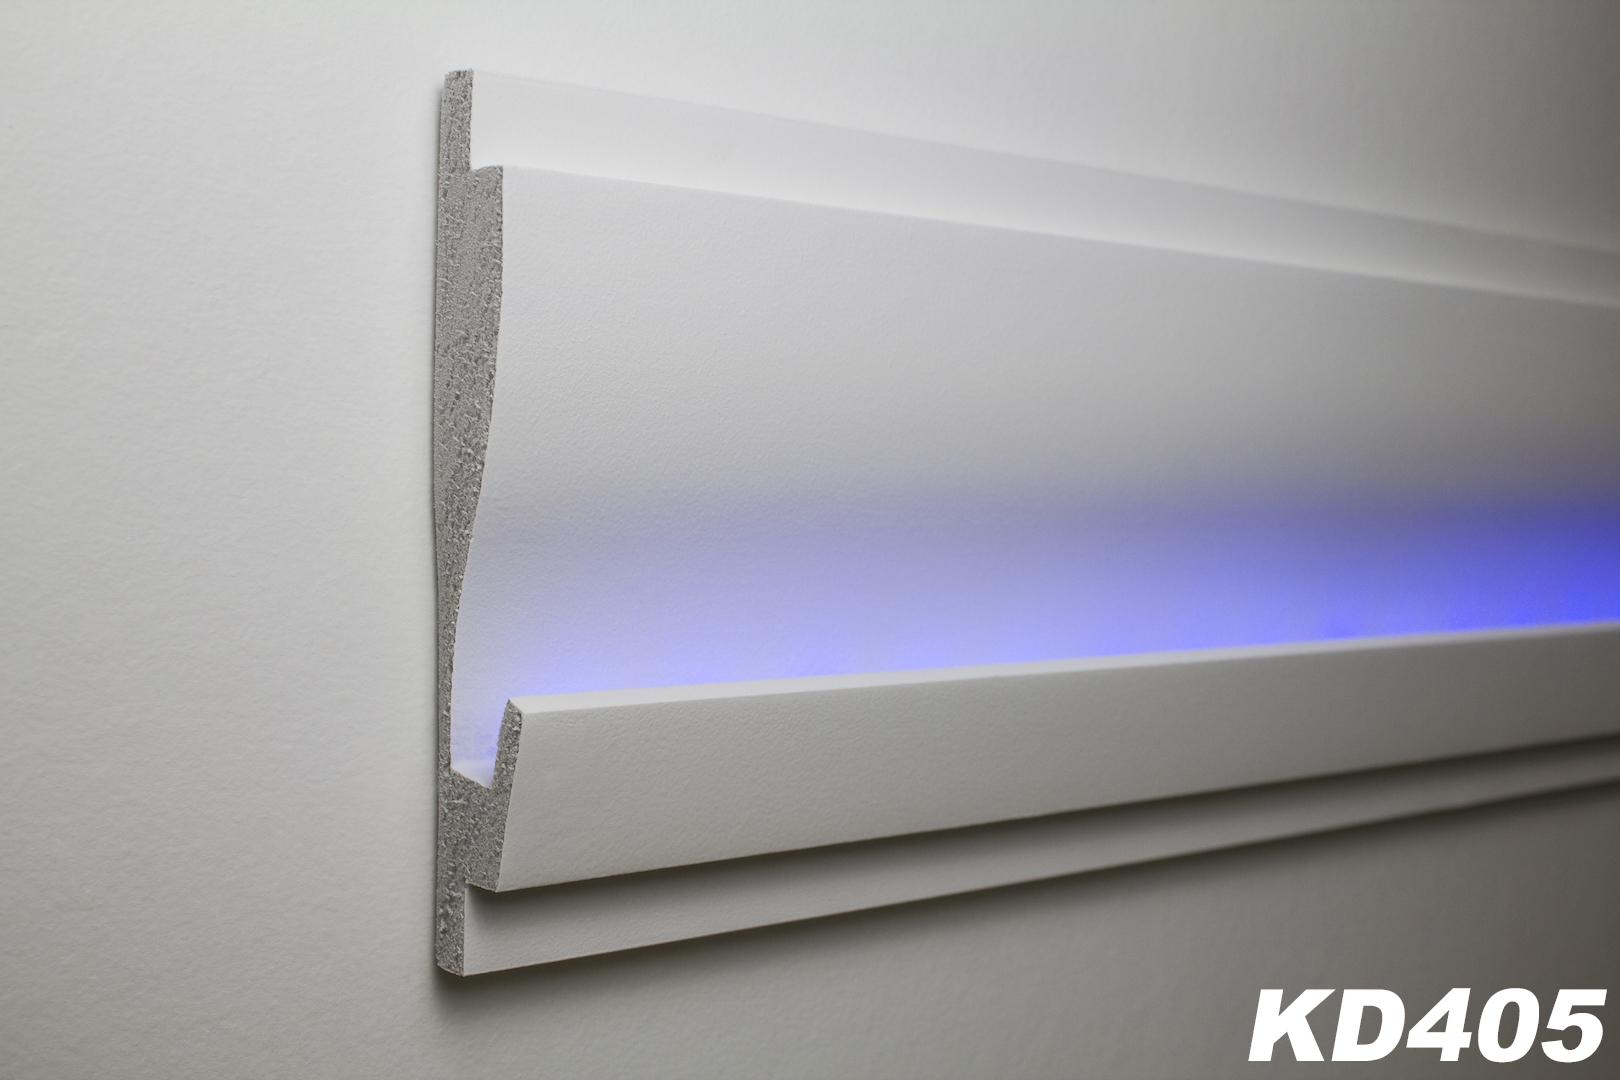 1 15 meter led stuckleiste f r indirekte beleuchtung xps 180x35 kd405 4835225013308 ebay. Black Bedroom Furniture Sets. Home Design Ideas